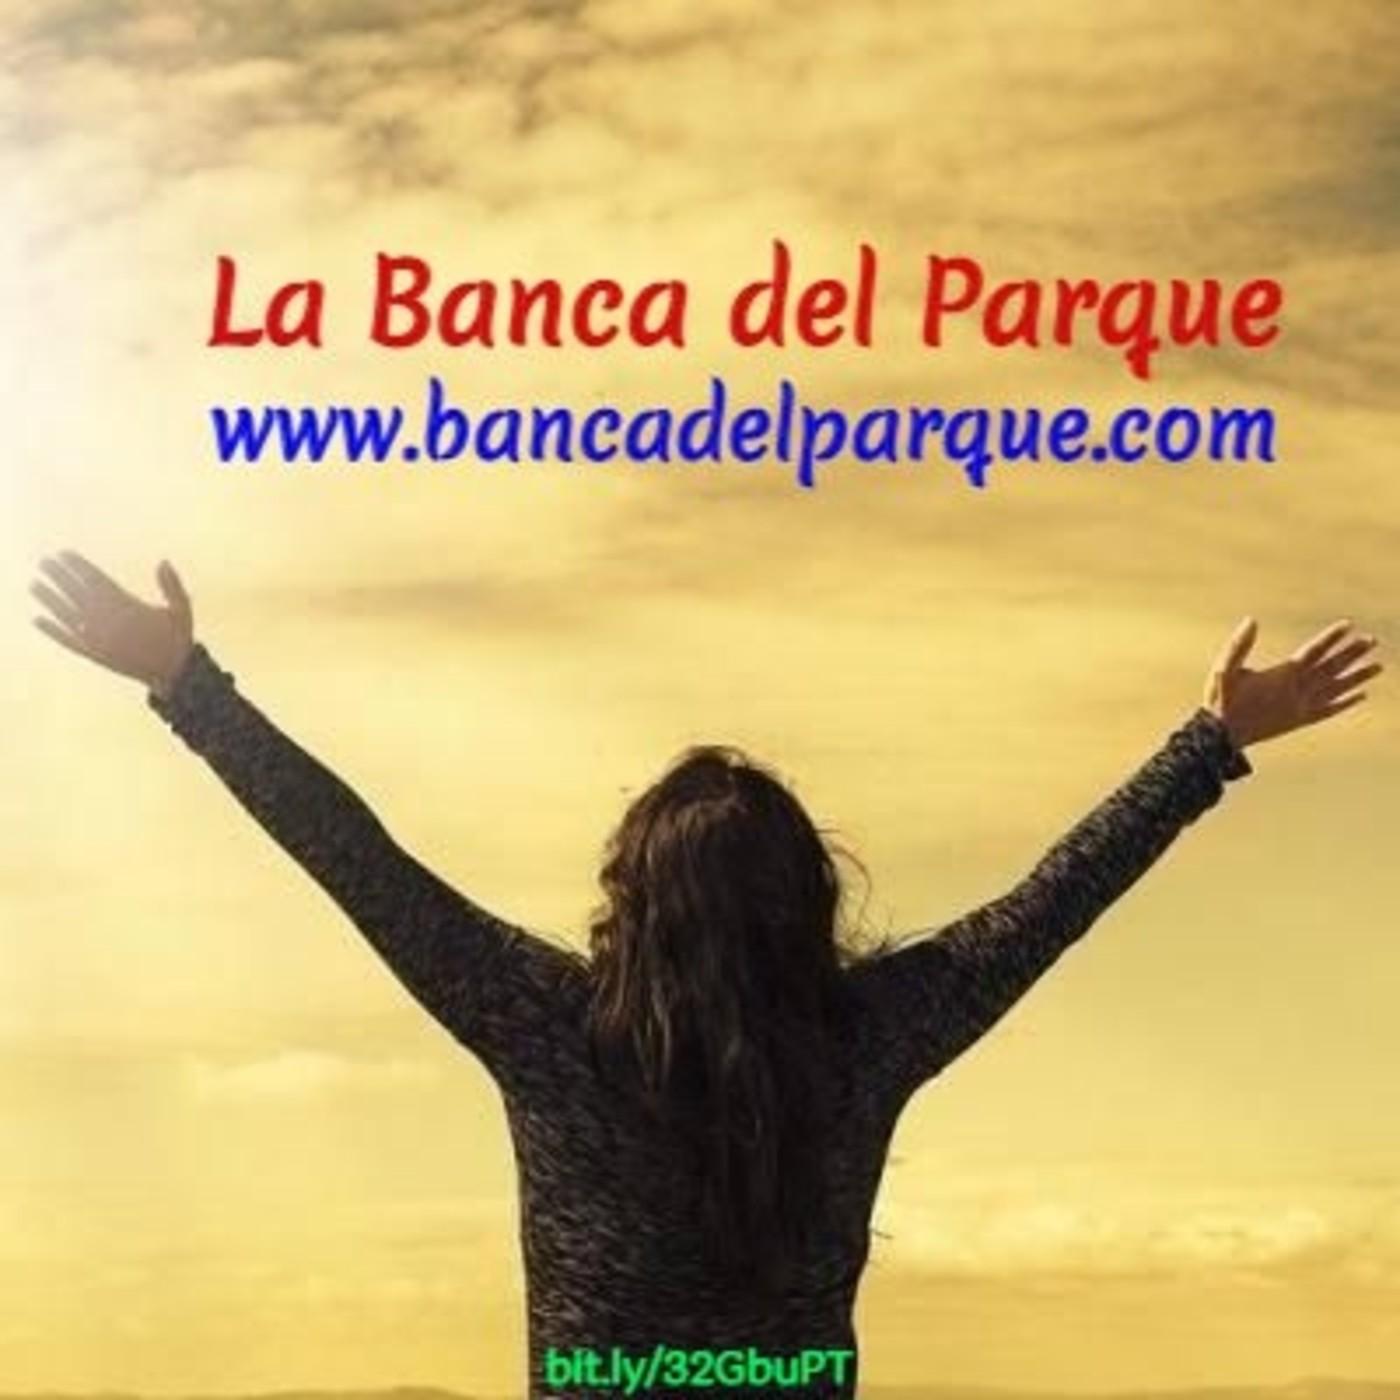 23.04.2021 - La Banca del Parque - Guillermo Camacho Cabrera - Deje el acelere